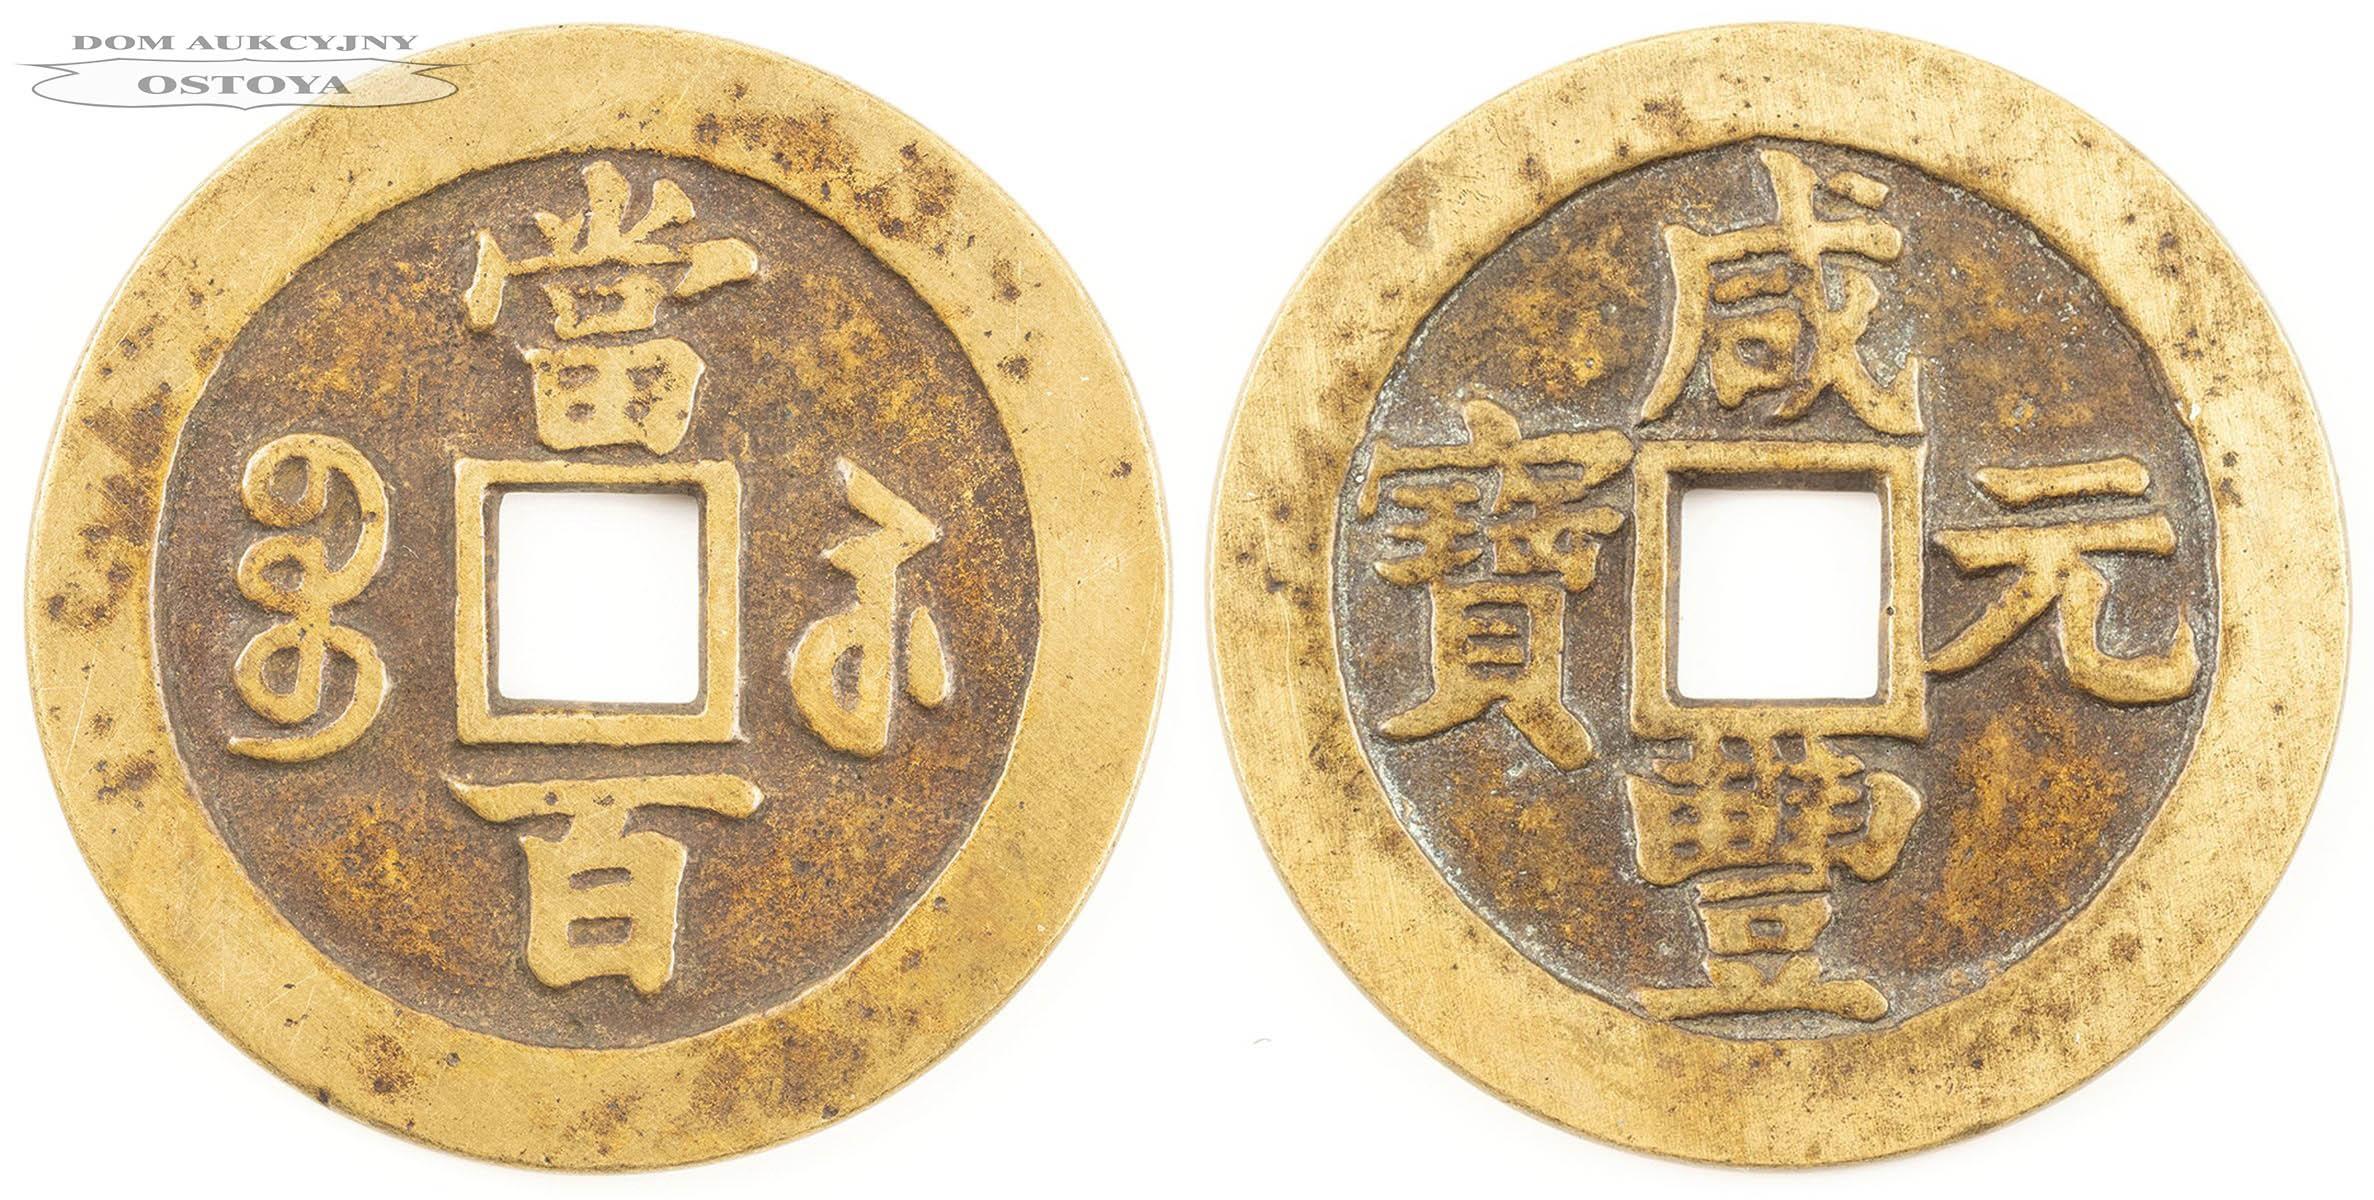 MONETA KESZOWA, 100 KESZÓW, Chiny cesarz Xianfeng, prowincja Sūzhōu, Jiāngsū, ok. 1854-55